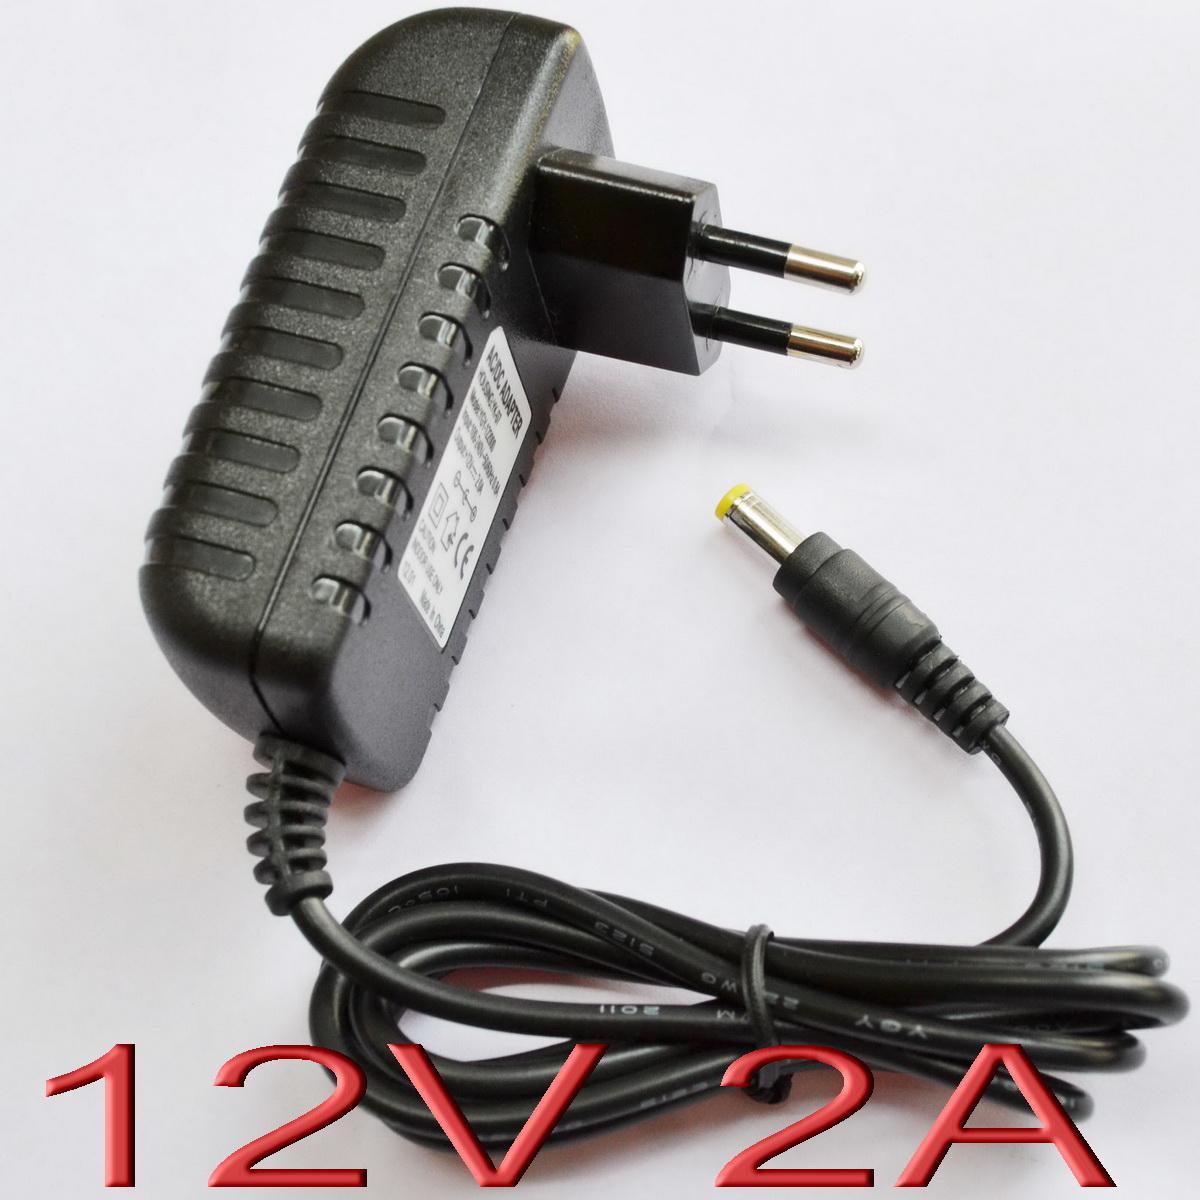 1ピースAC 100V-240VコンバータアダプターDC 12V 2A電源充電器24W LED CCTV 2000MA US EU UK AUプラグDC 5.5mm